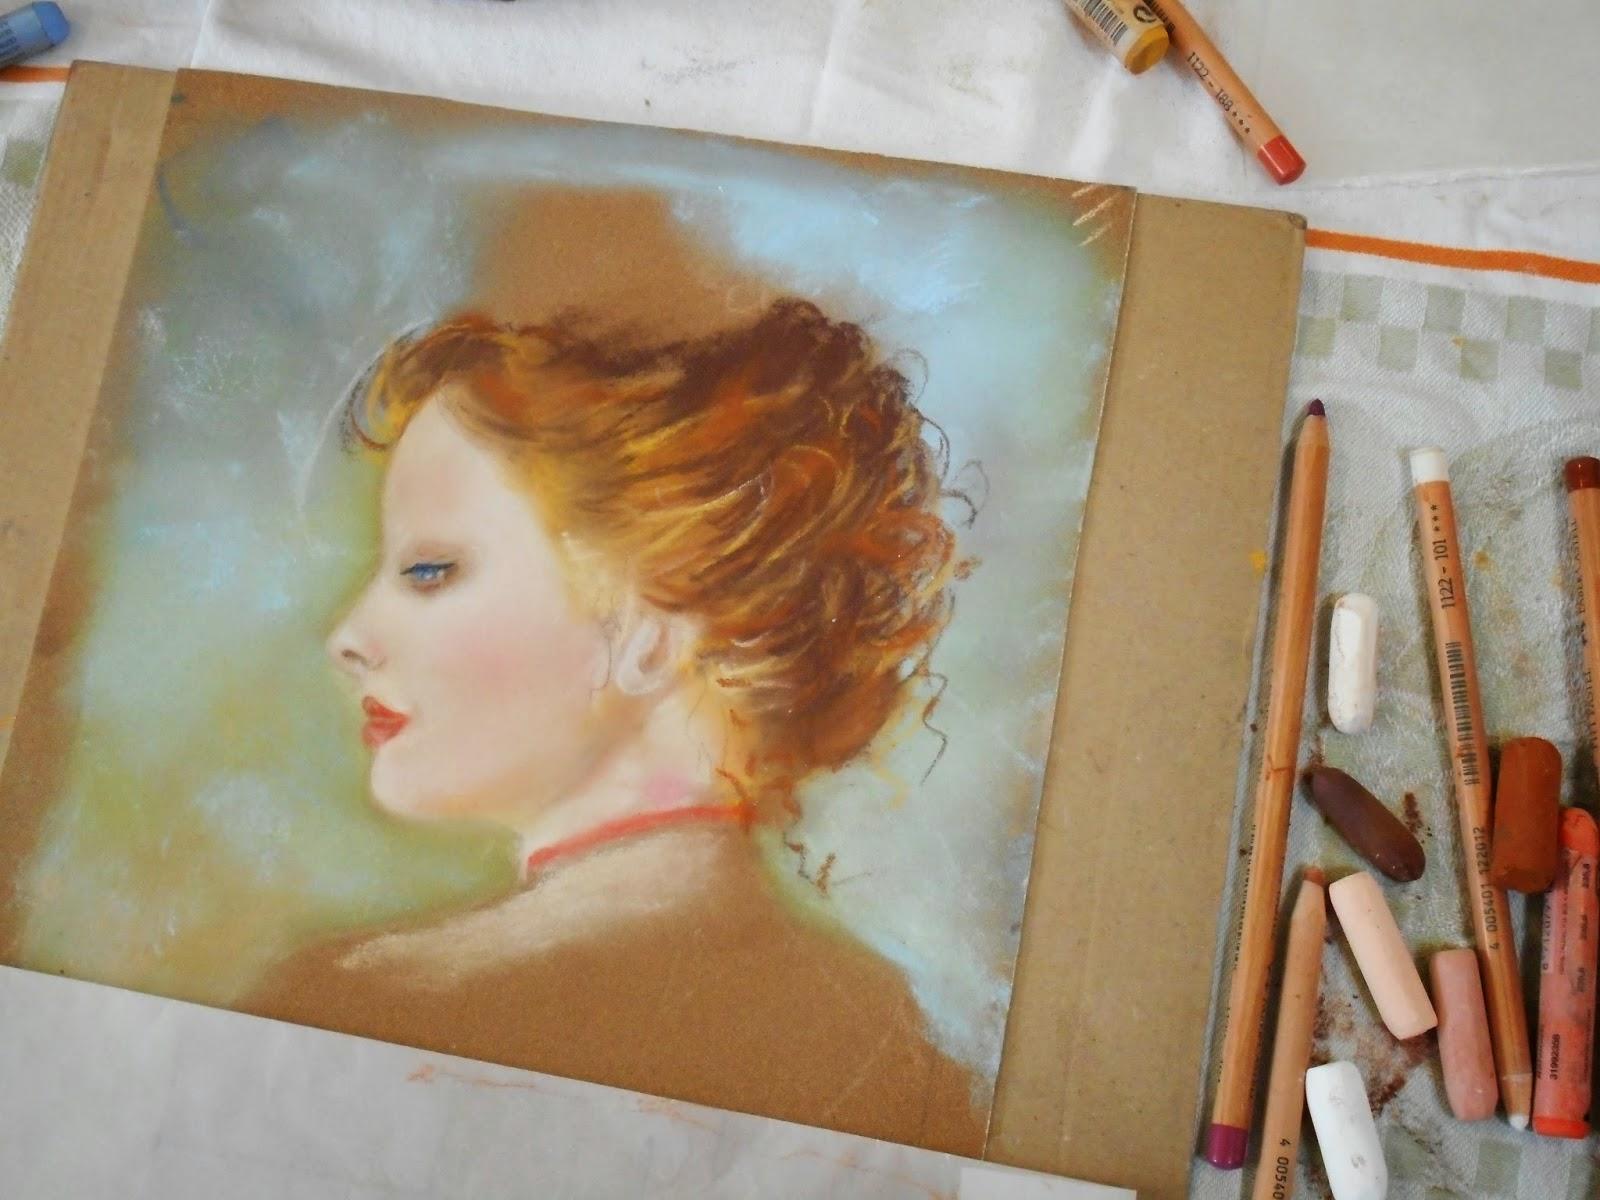 Une femme avec des seins laiteux quil adore - TuKif